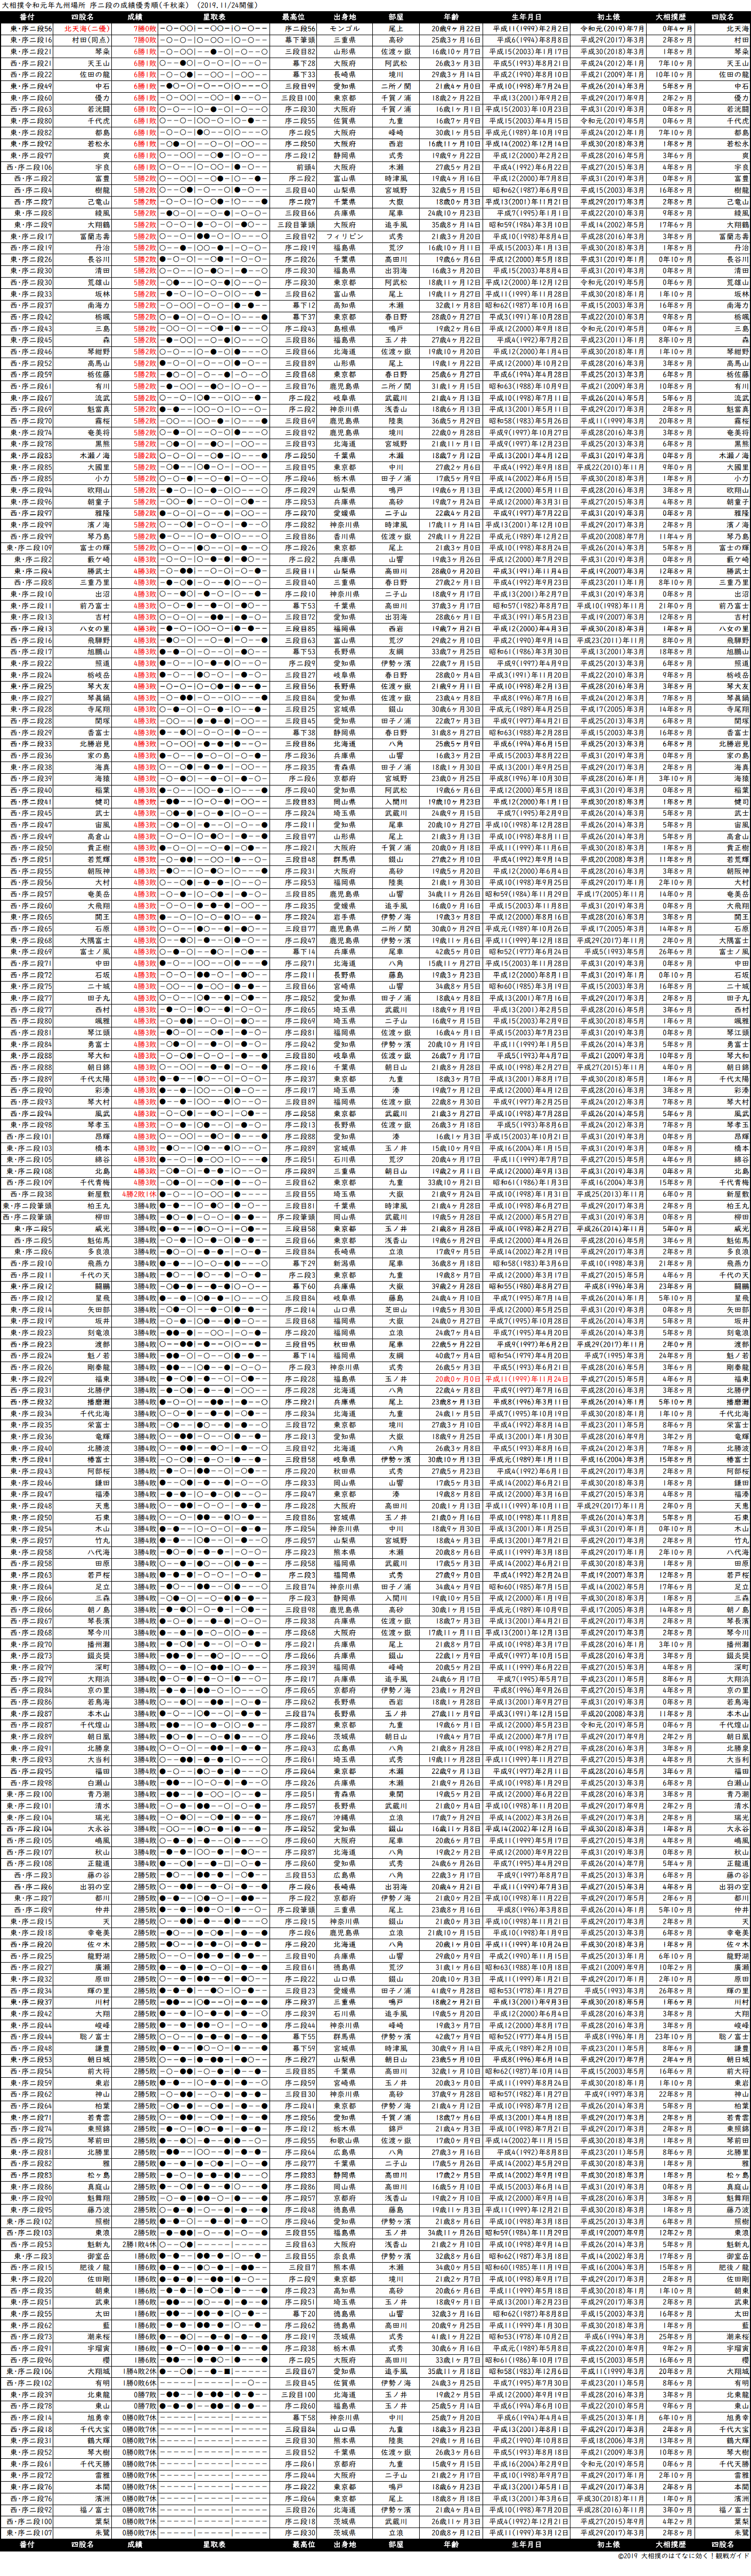 序二段成績順一覧表・2019年11月場所千秋楽